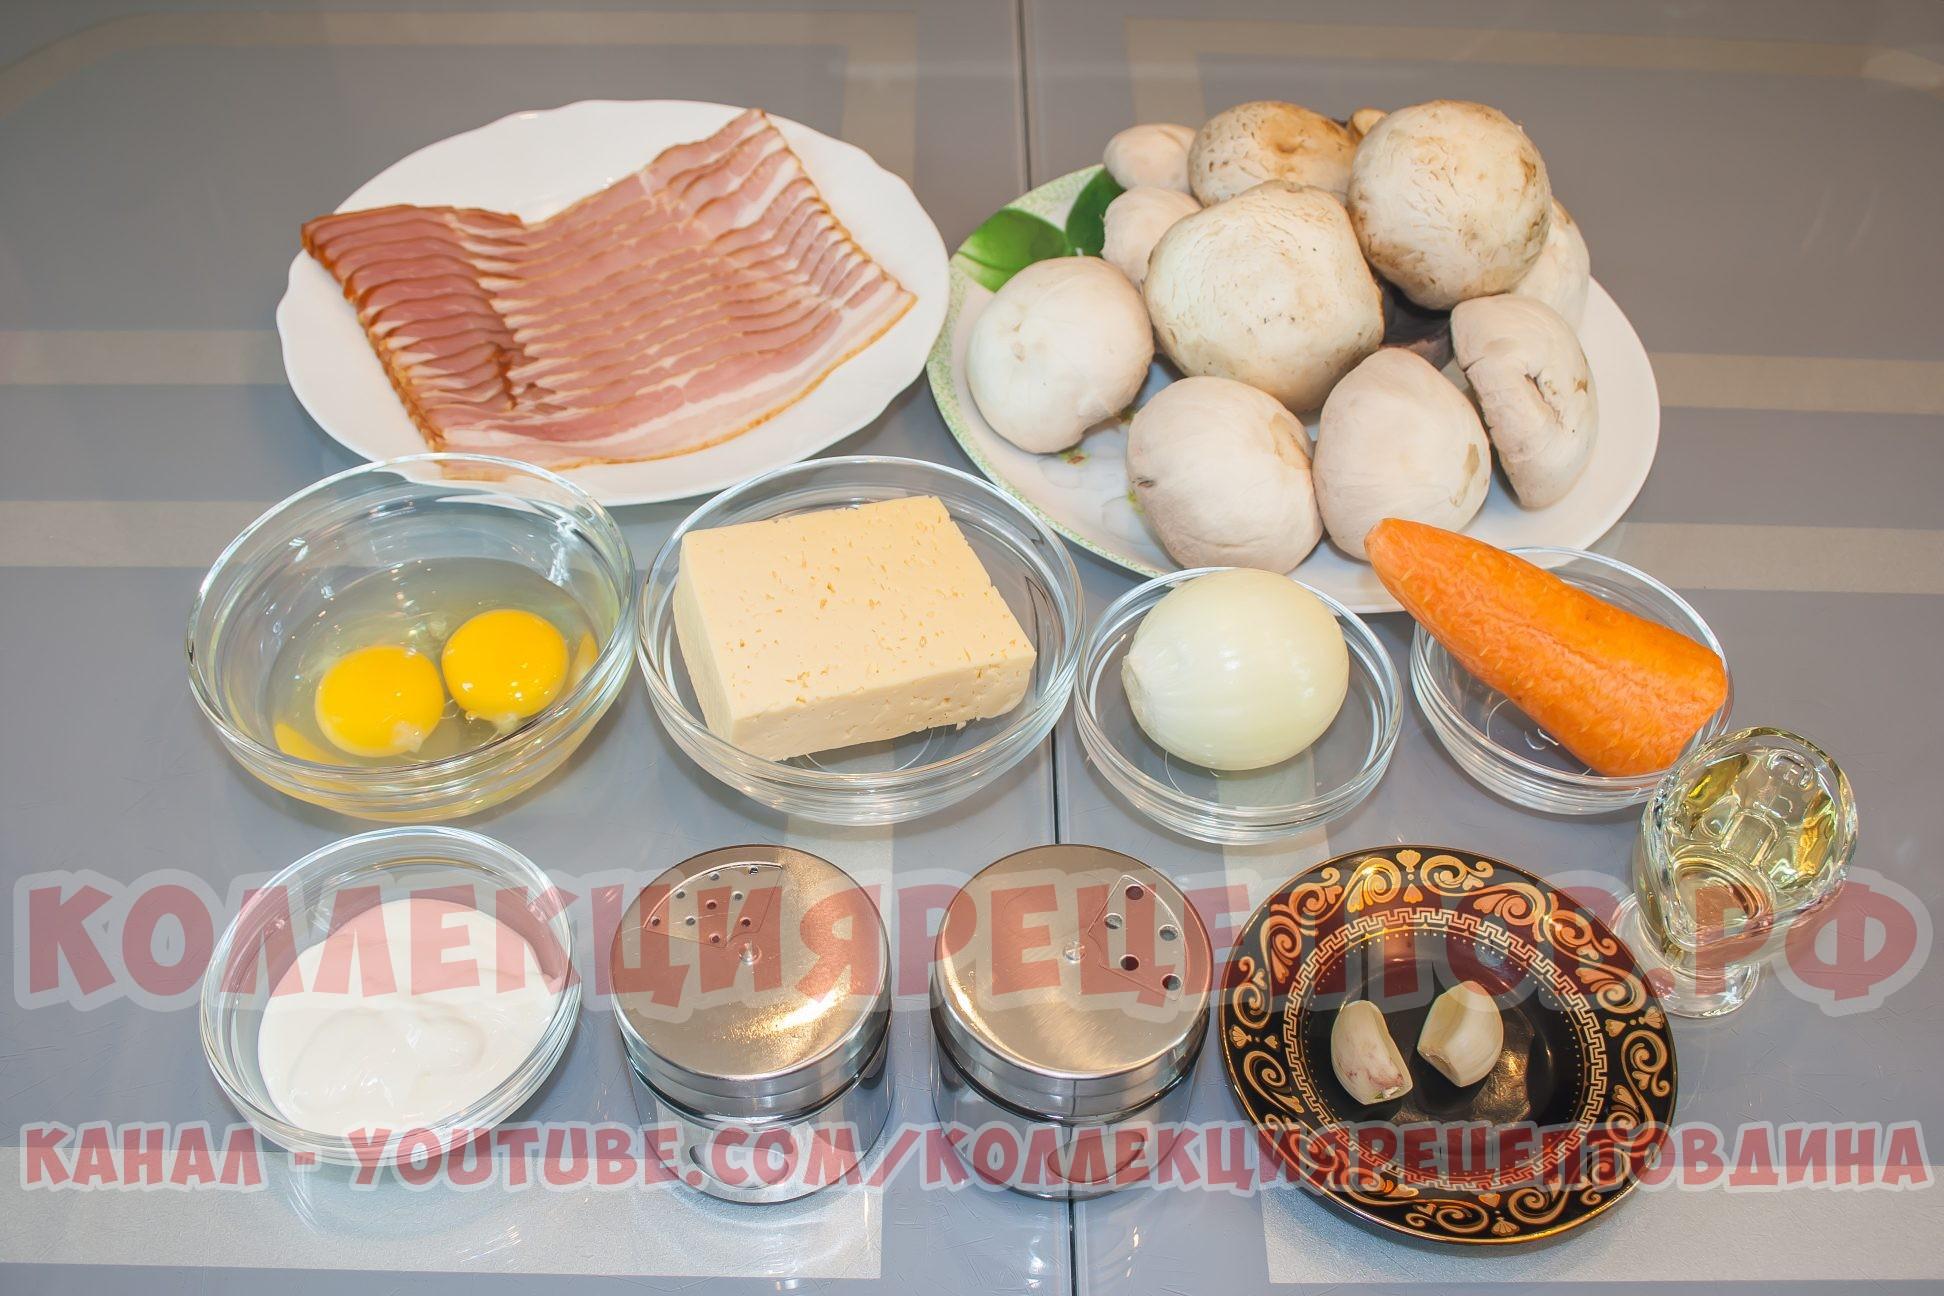 Фаршированные шампиньоны с беконом список ингредиентов